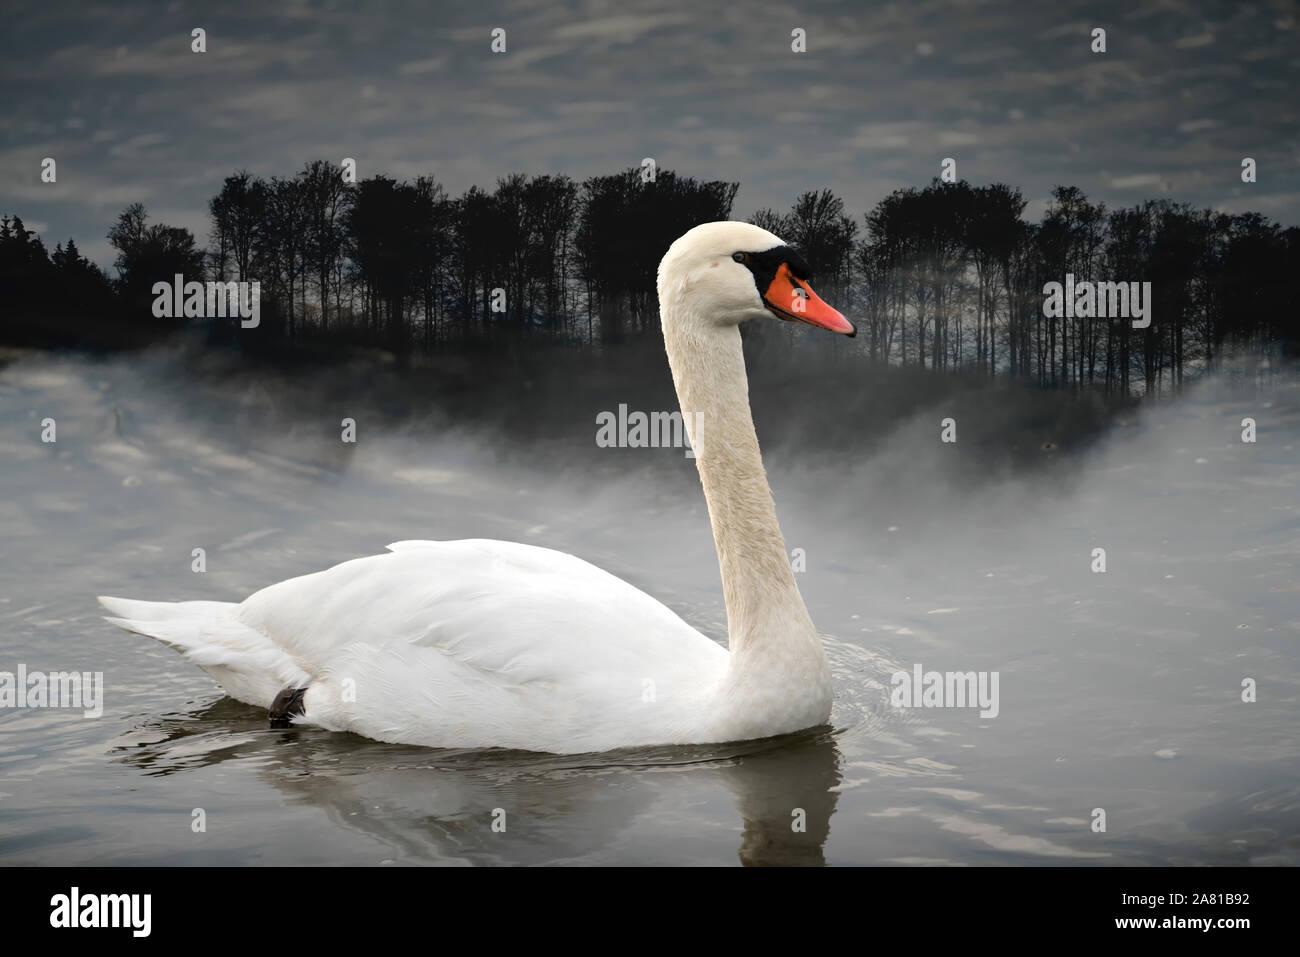 Ein Schwan an der Weser, digital bearbeitet, Weserbergland, Nordrhein-Westfalen, Hessen, Deutschland Stockfoto